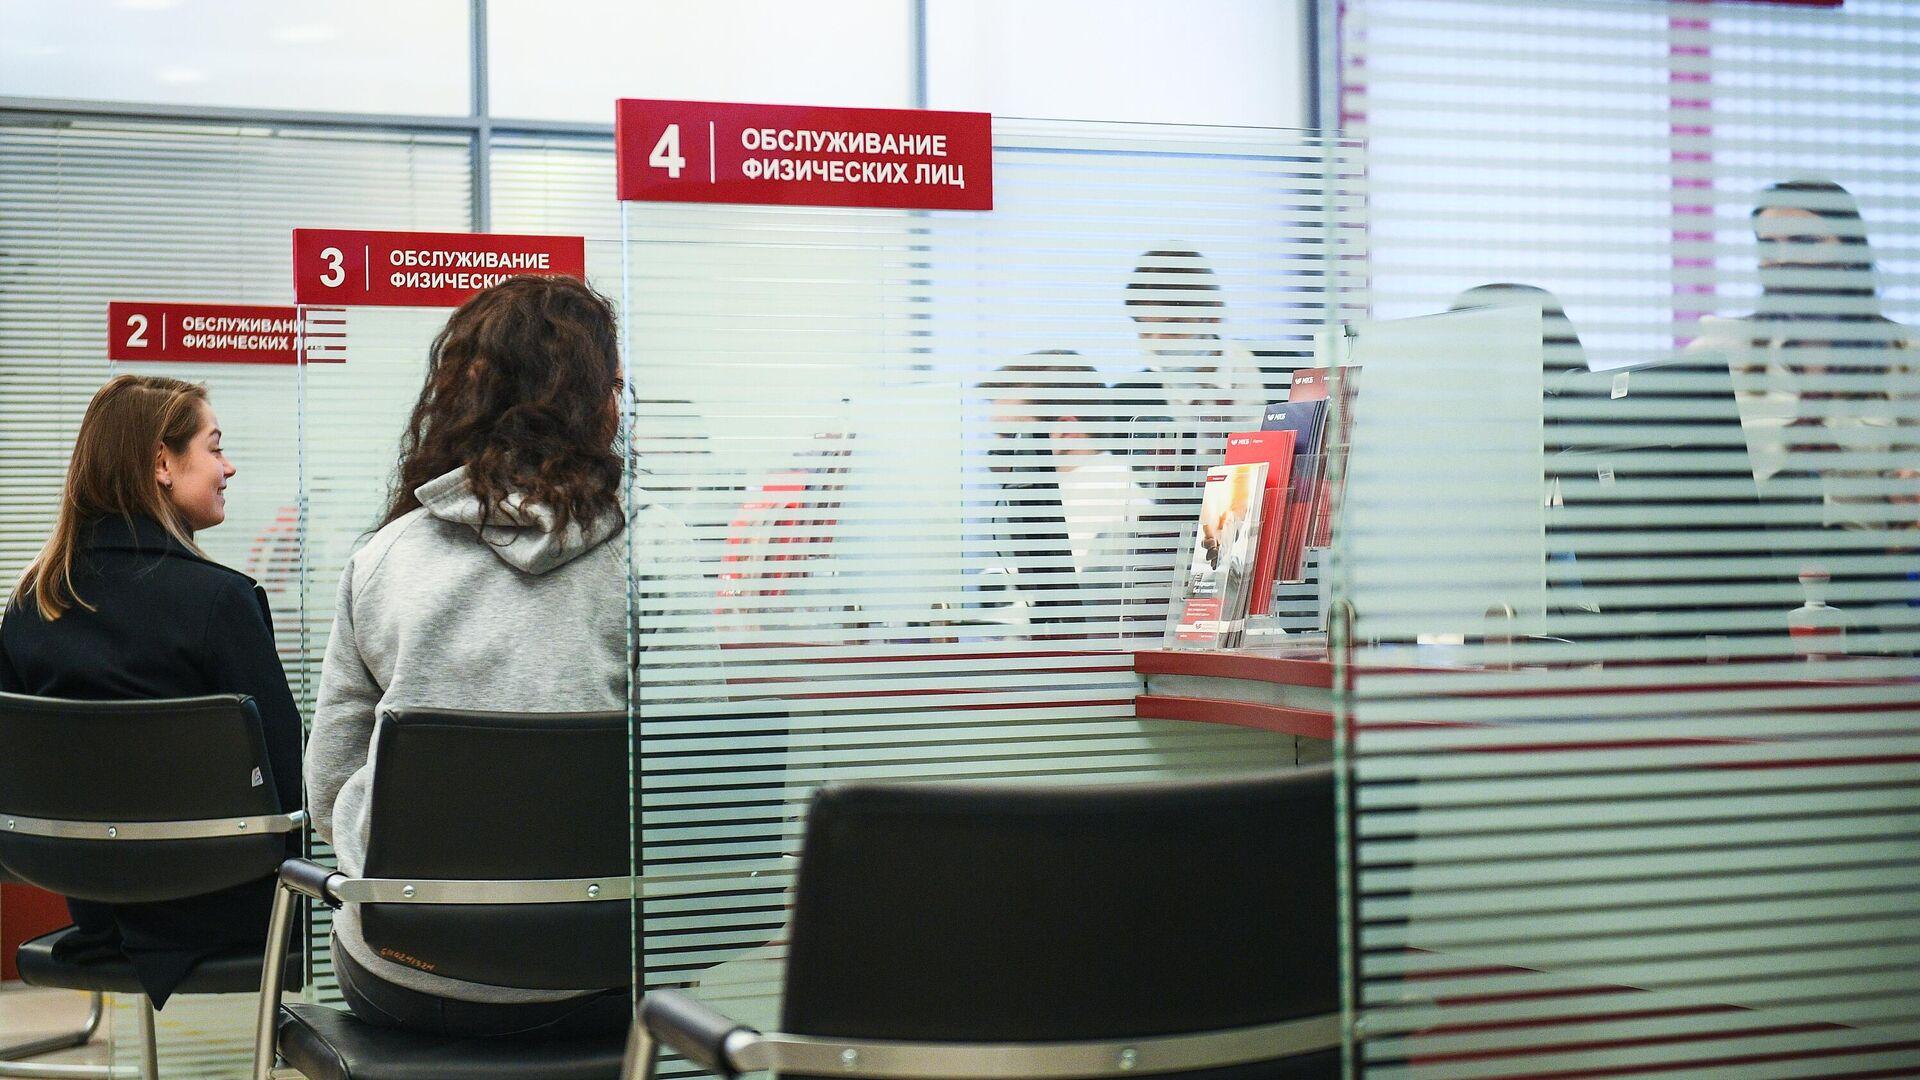 Работа банка в период ограничений в связи с распространением коронавируса - РИА Новости, 1920, 08.09.2020